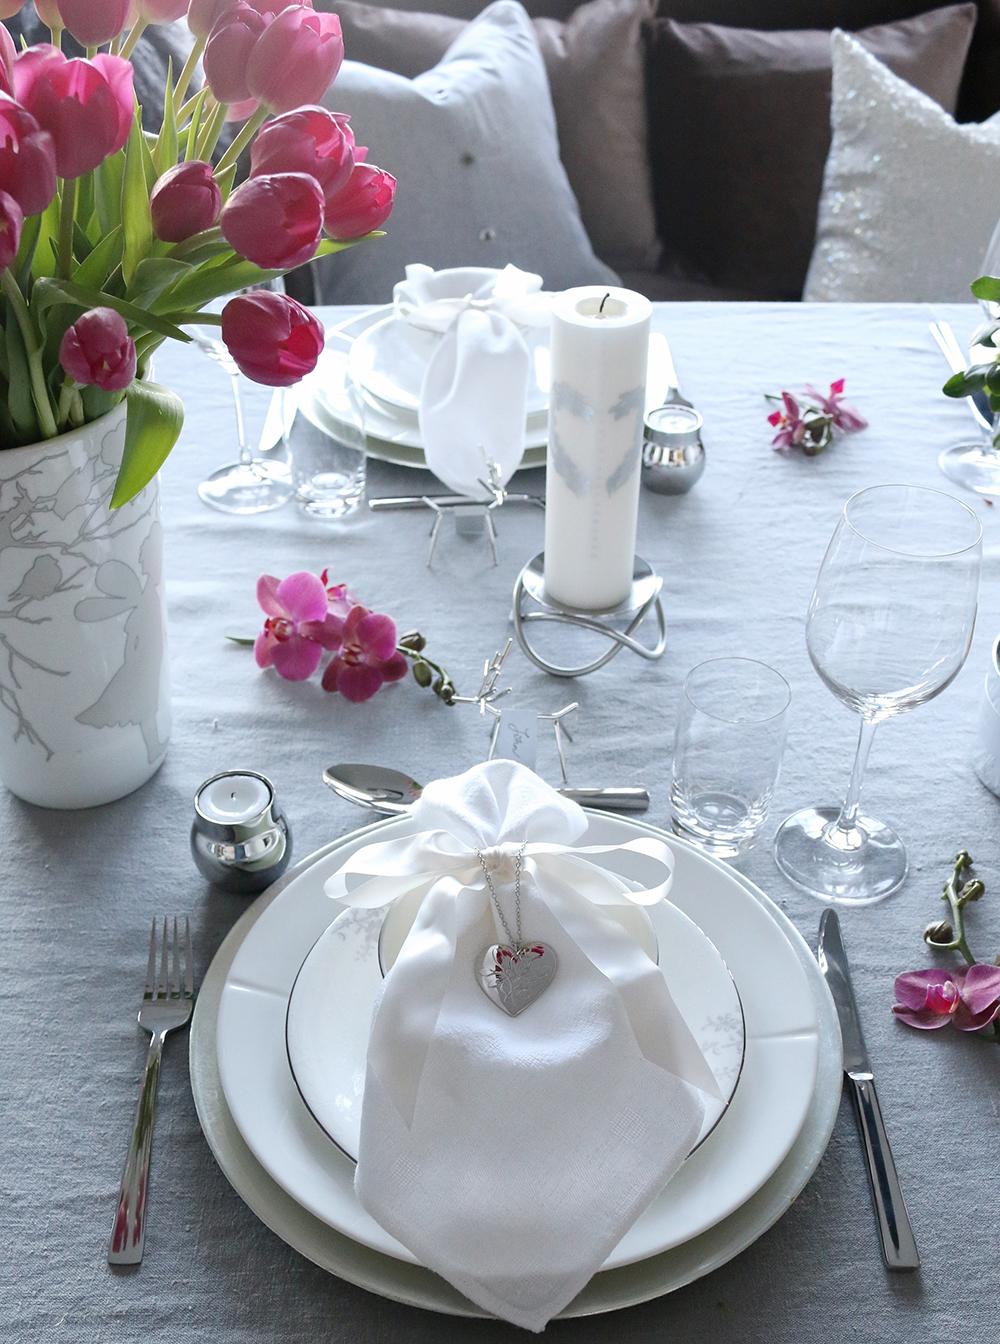 Borddekking Advent Tilbords Table setting grey hvite purple 2